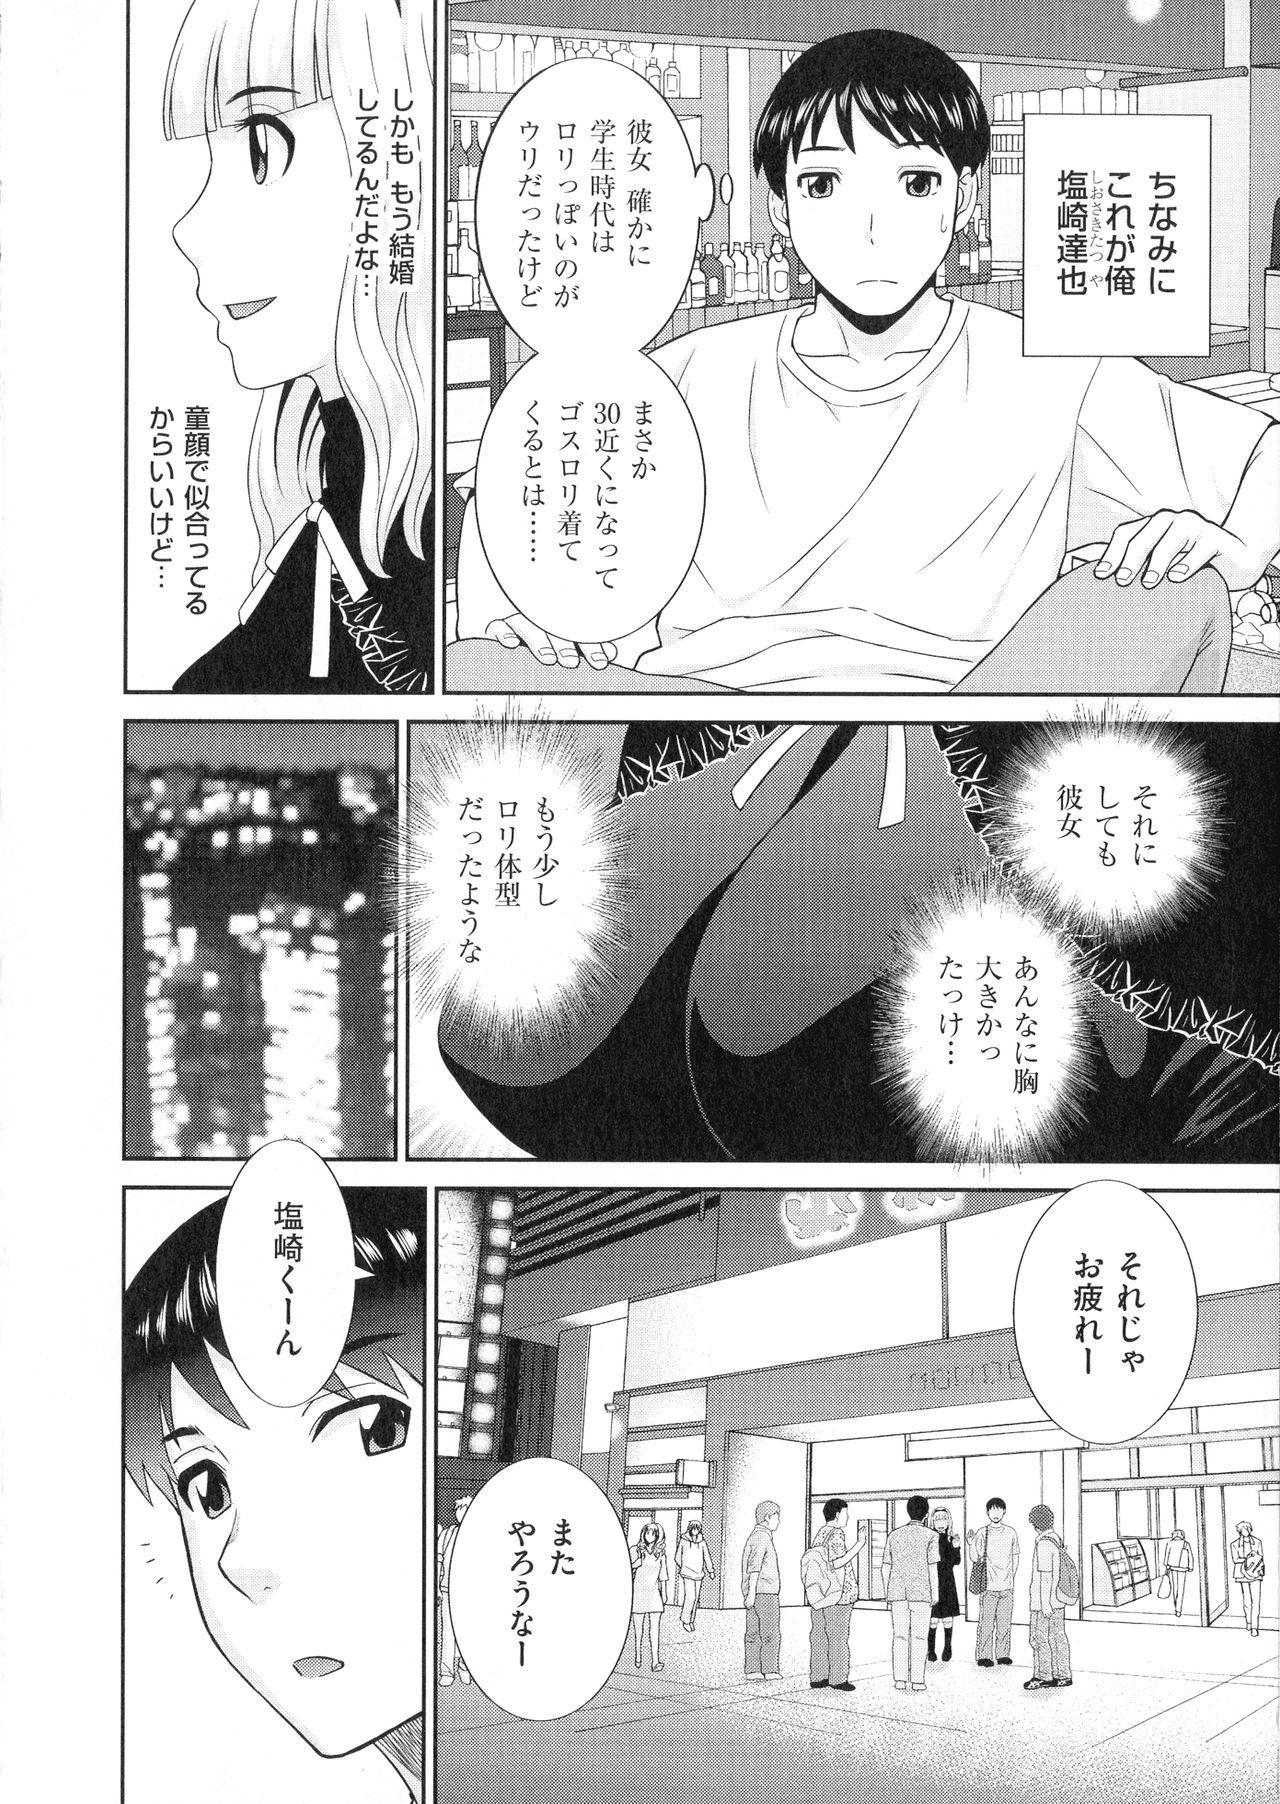 Tennen Torokeru Hatsujozuma 114